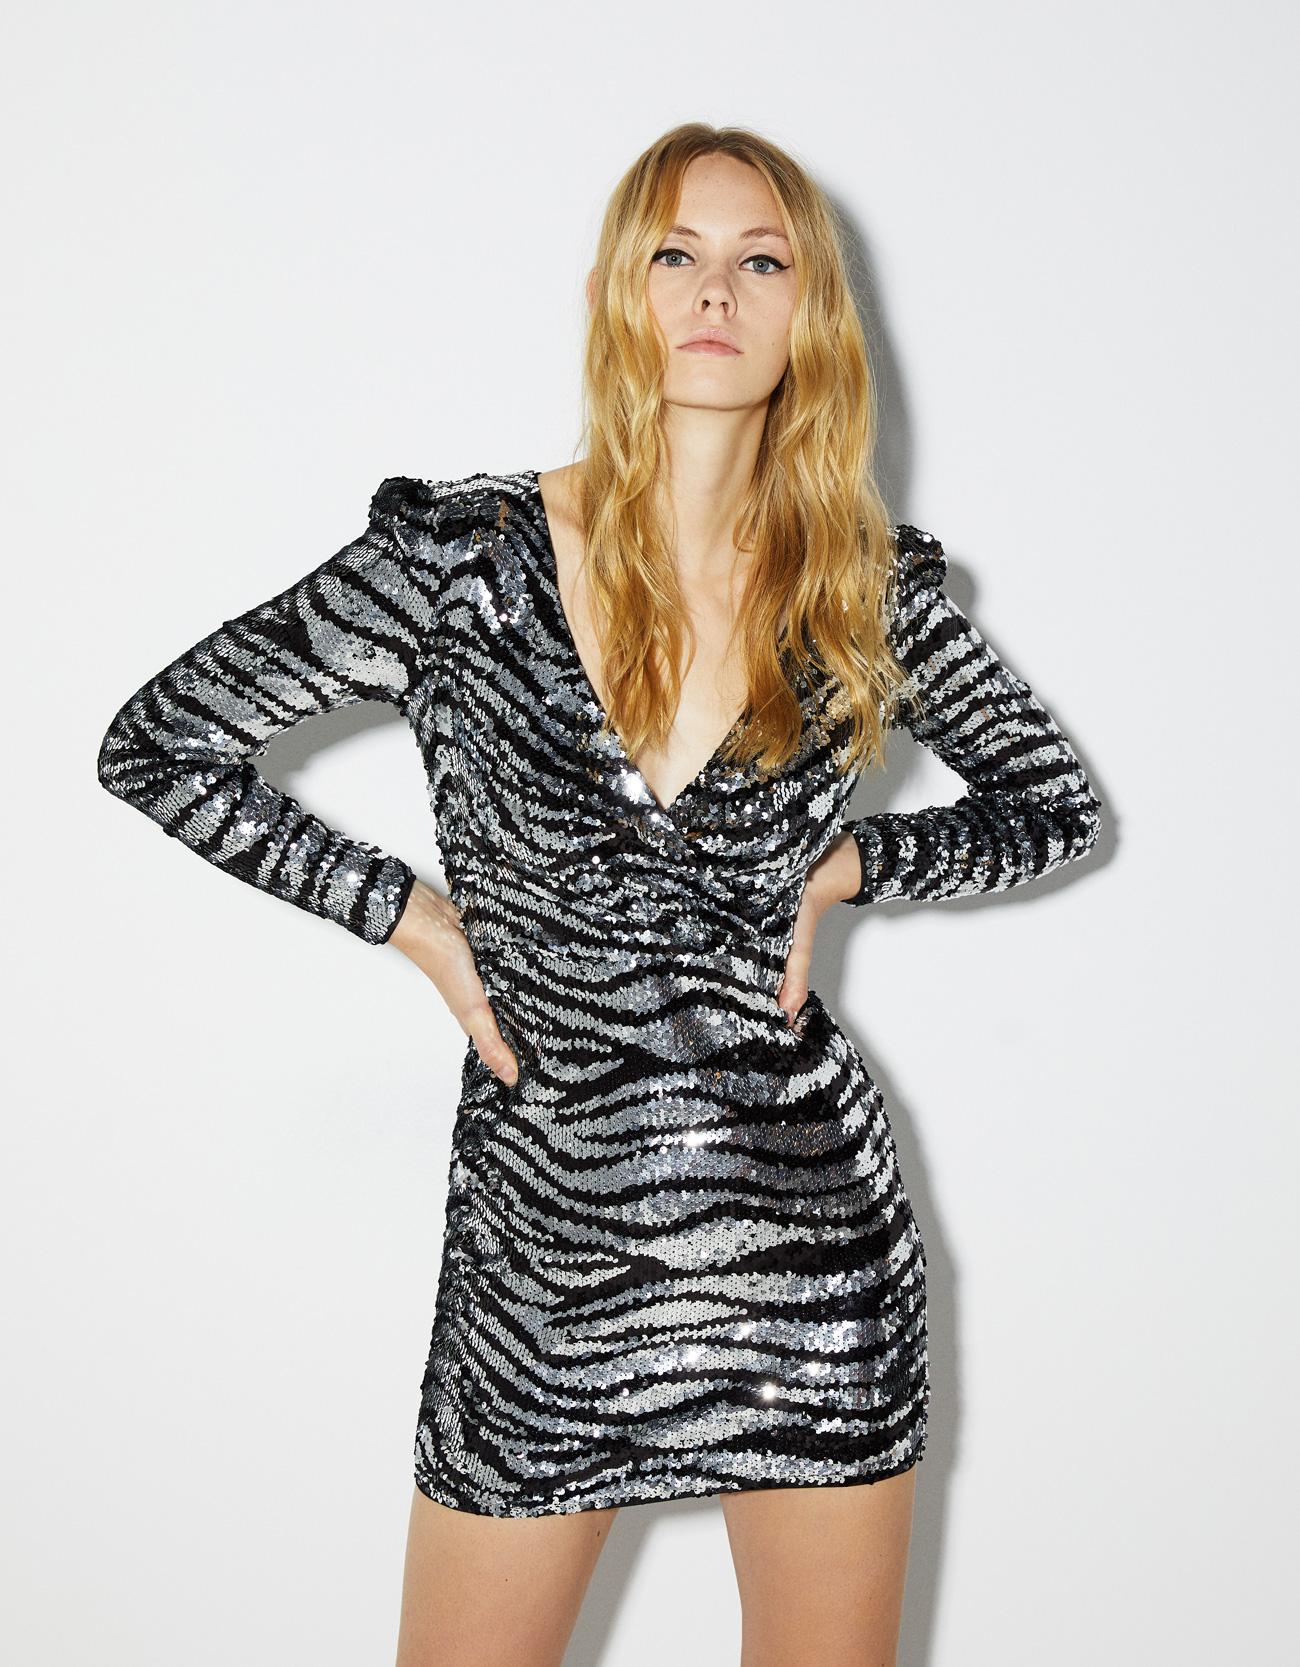 Vestito glitter animalier Bershka al prezzo di 45,99 euro